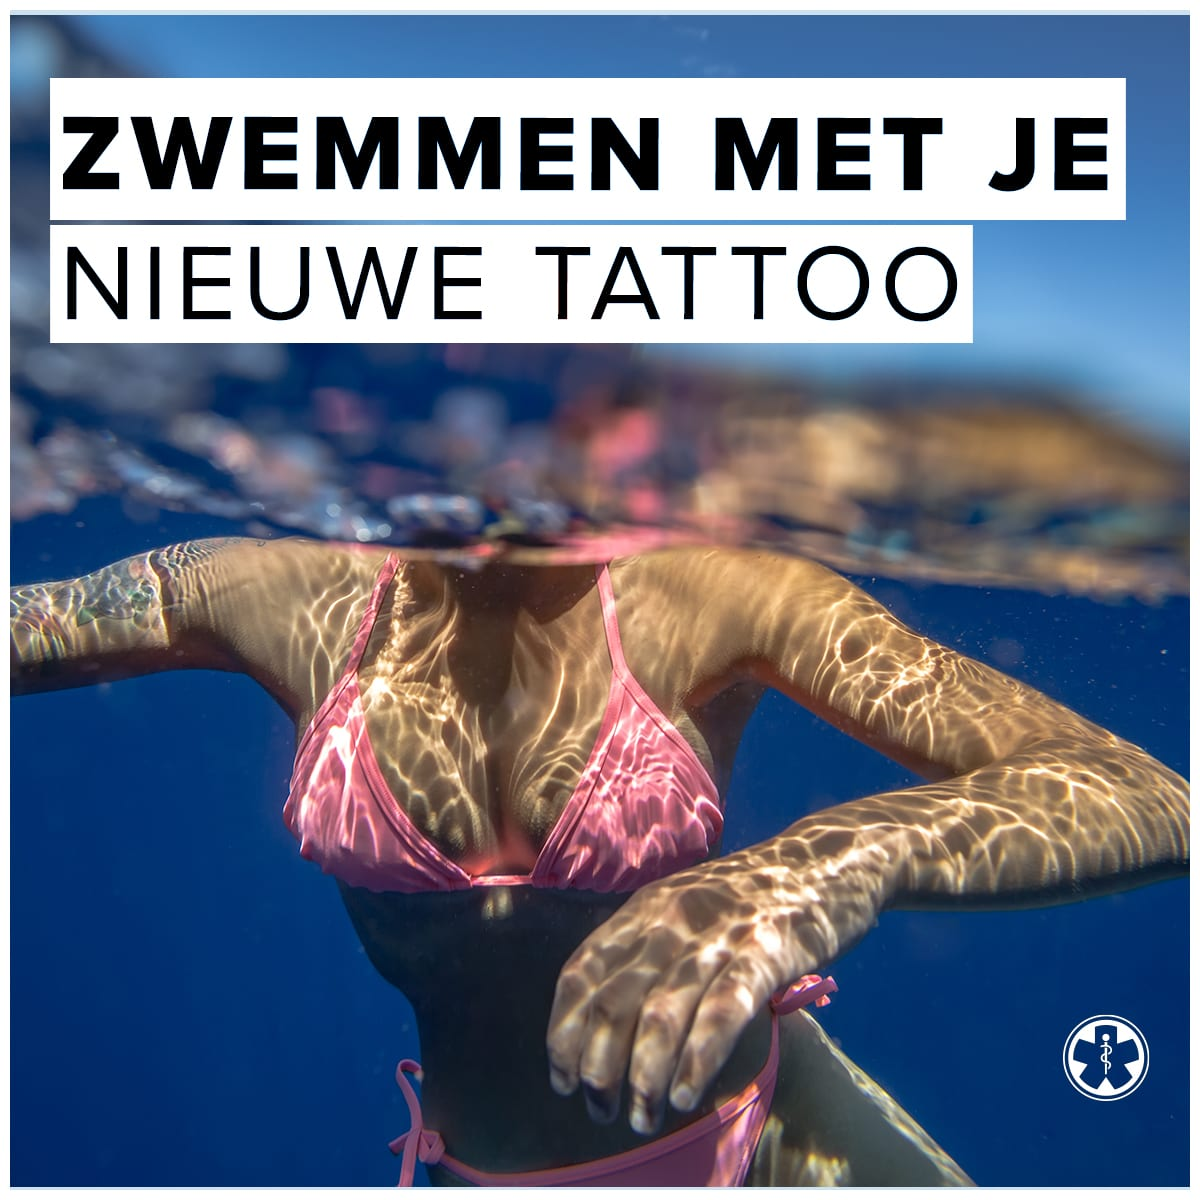 Zwemmen met je nieuwe tattoo